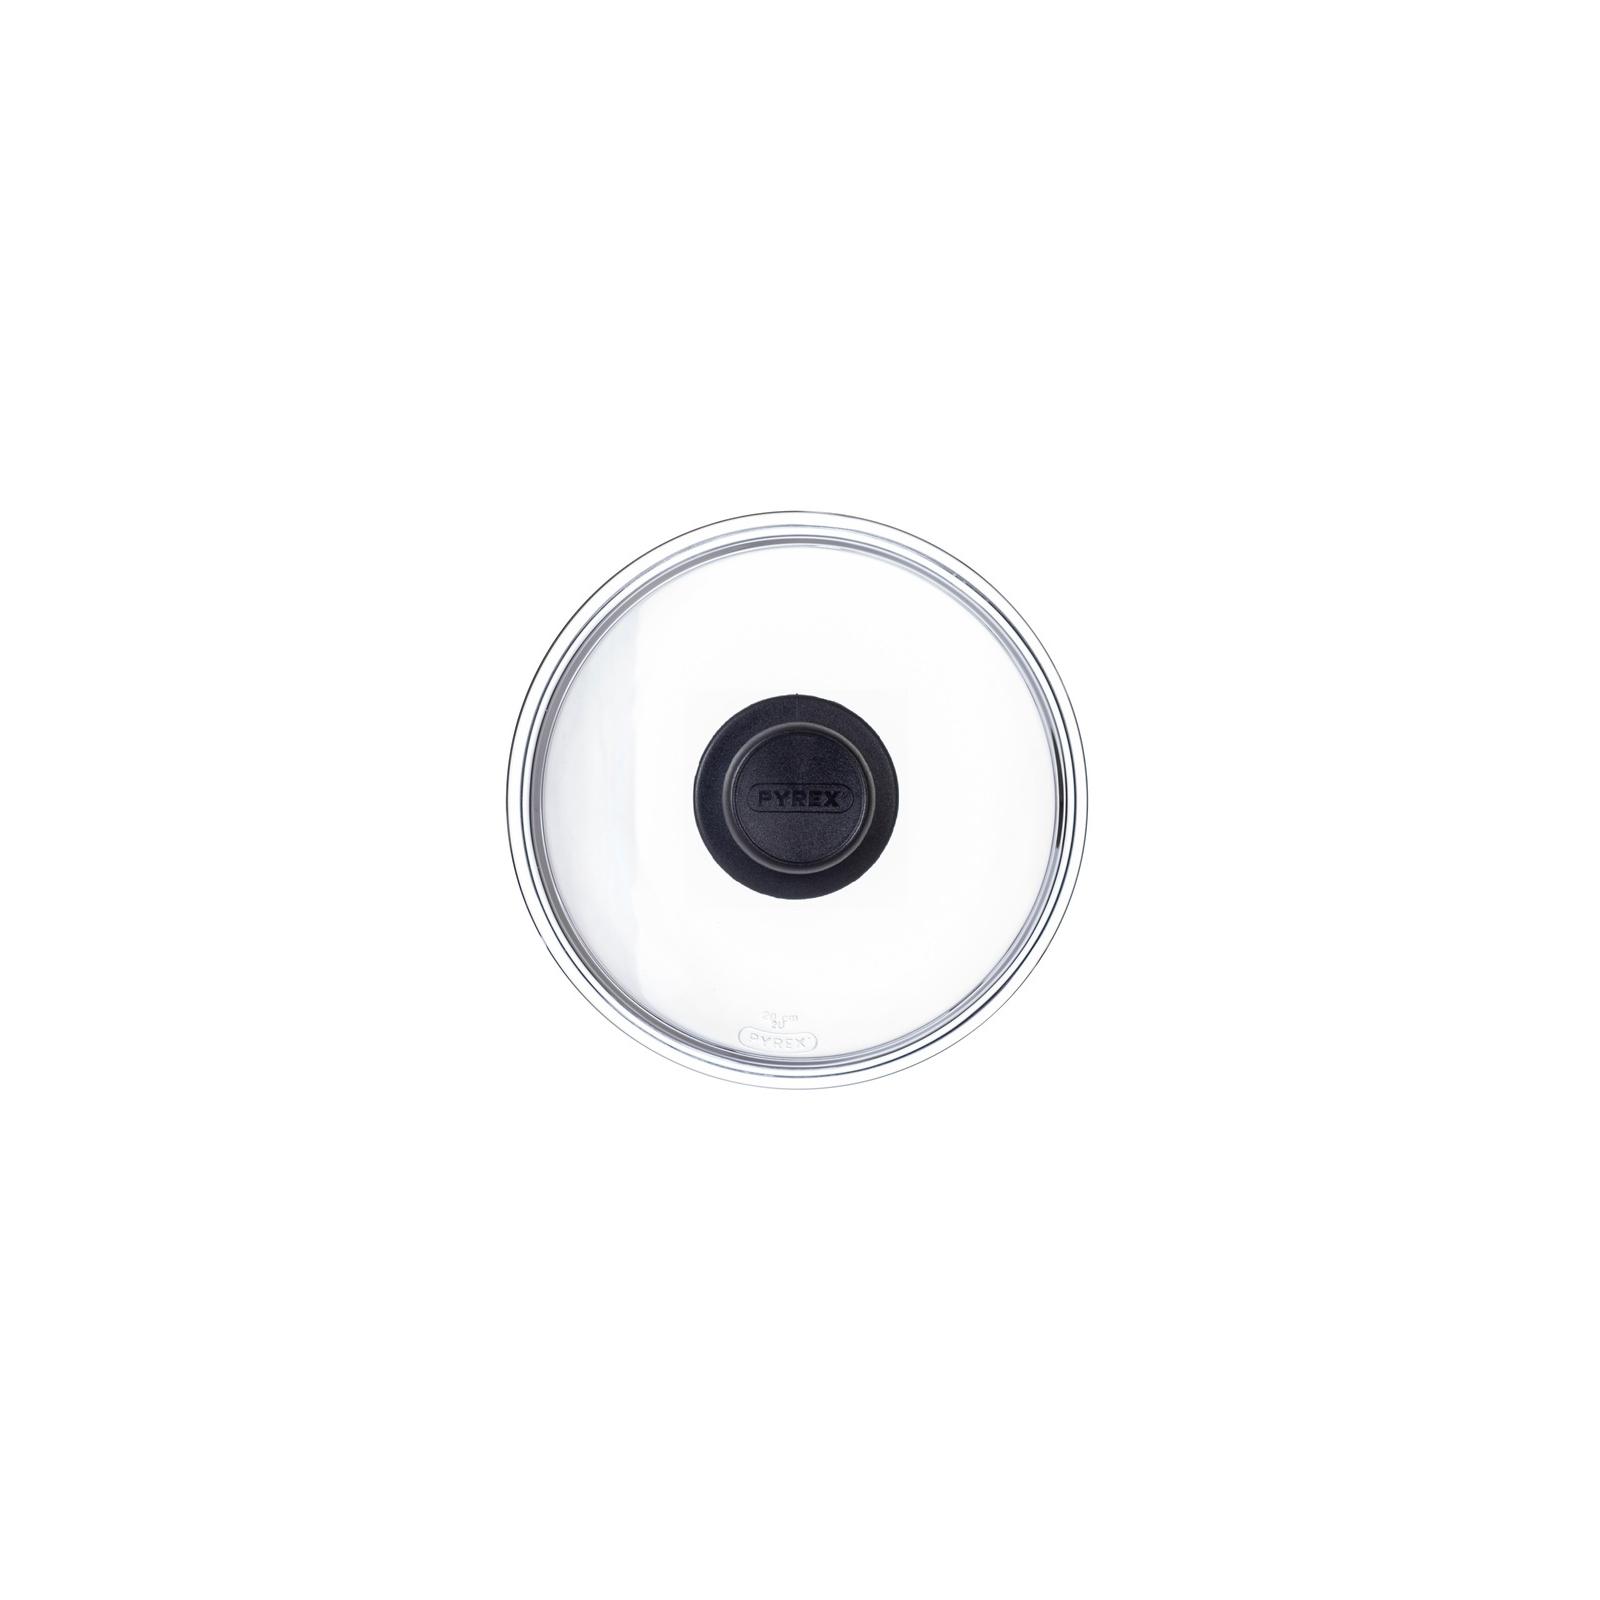 Крышка для посуды Pyrex Bombe 20 см (B20CL00) изображение 2